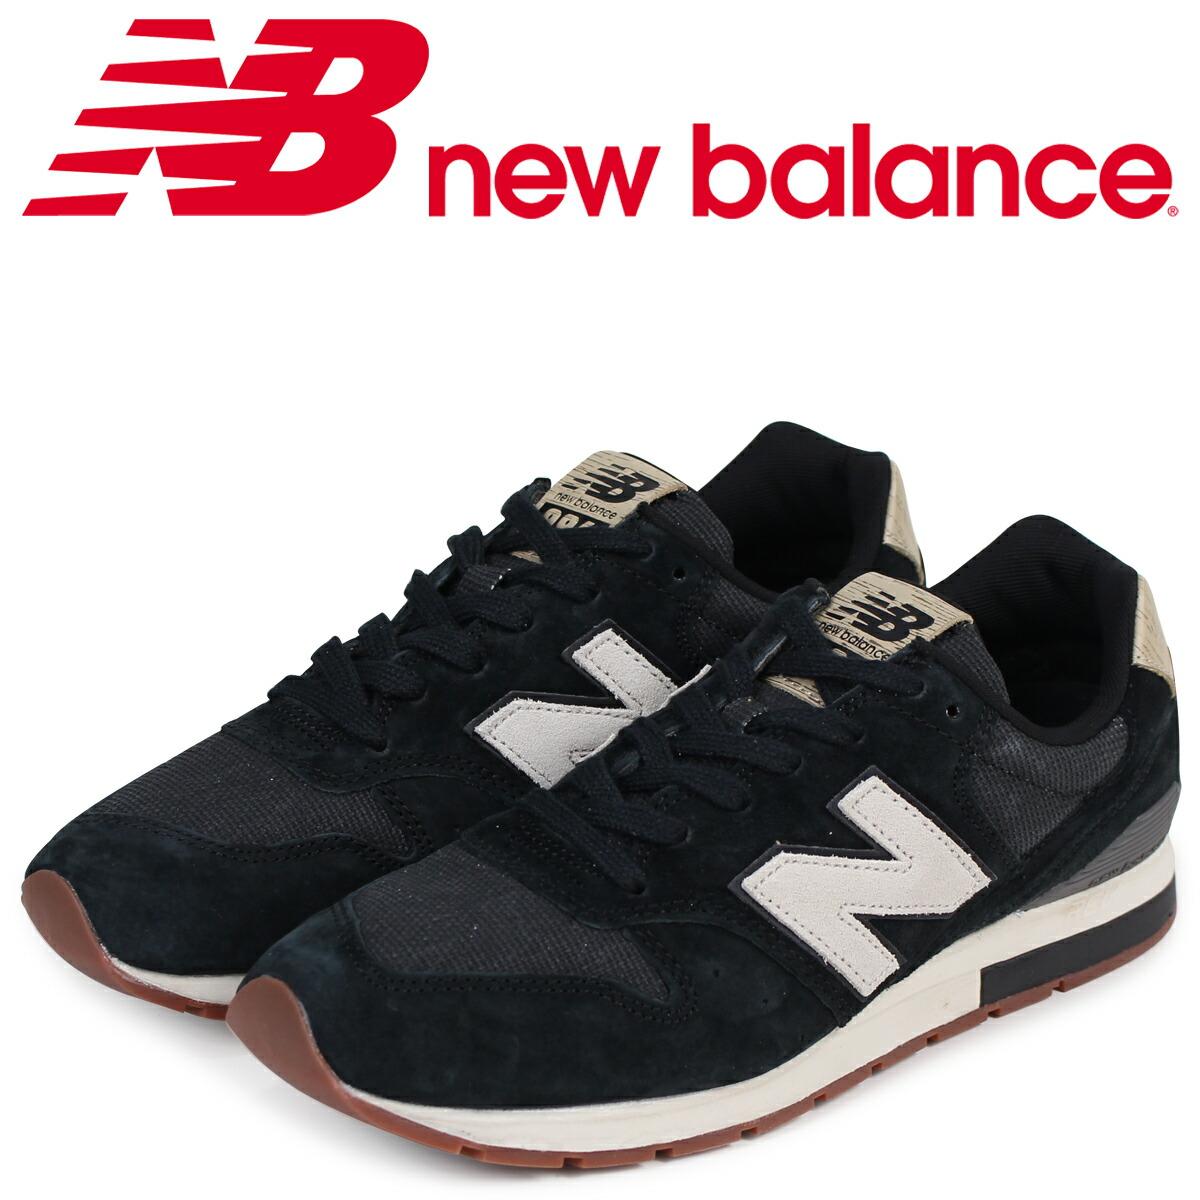 ニューバランス 996 メンズ new balance スニーカー MRL996PA Dワイズ ブラック [2/20 新入荷]